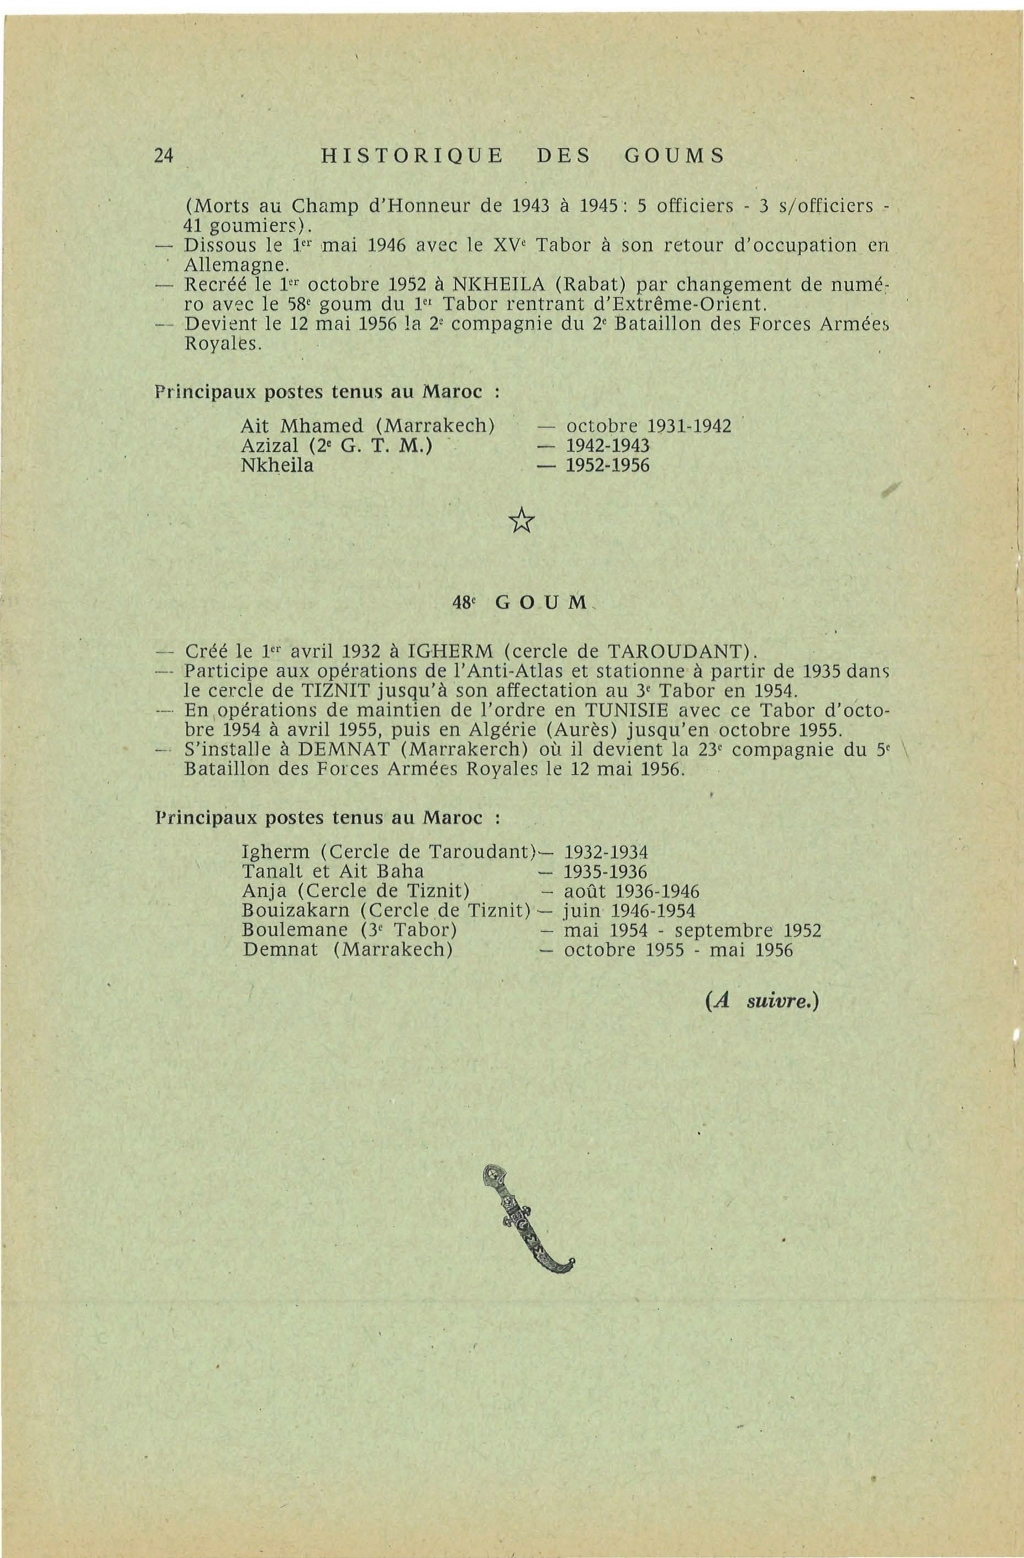 12 mai 1956 - Dissolution des Goumiers & integration aux FAR La_kou31